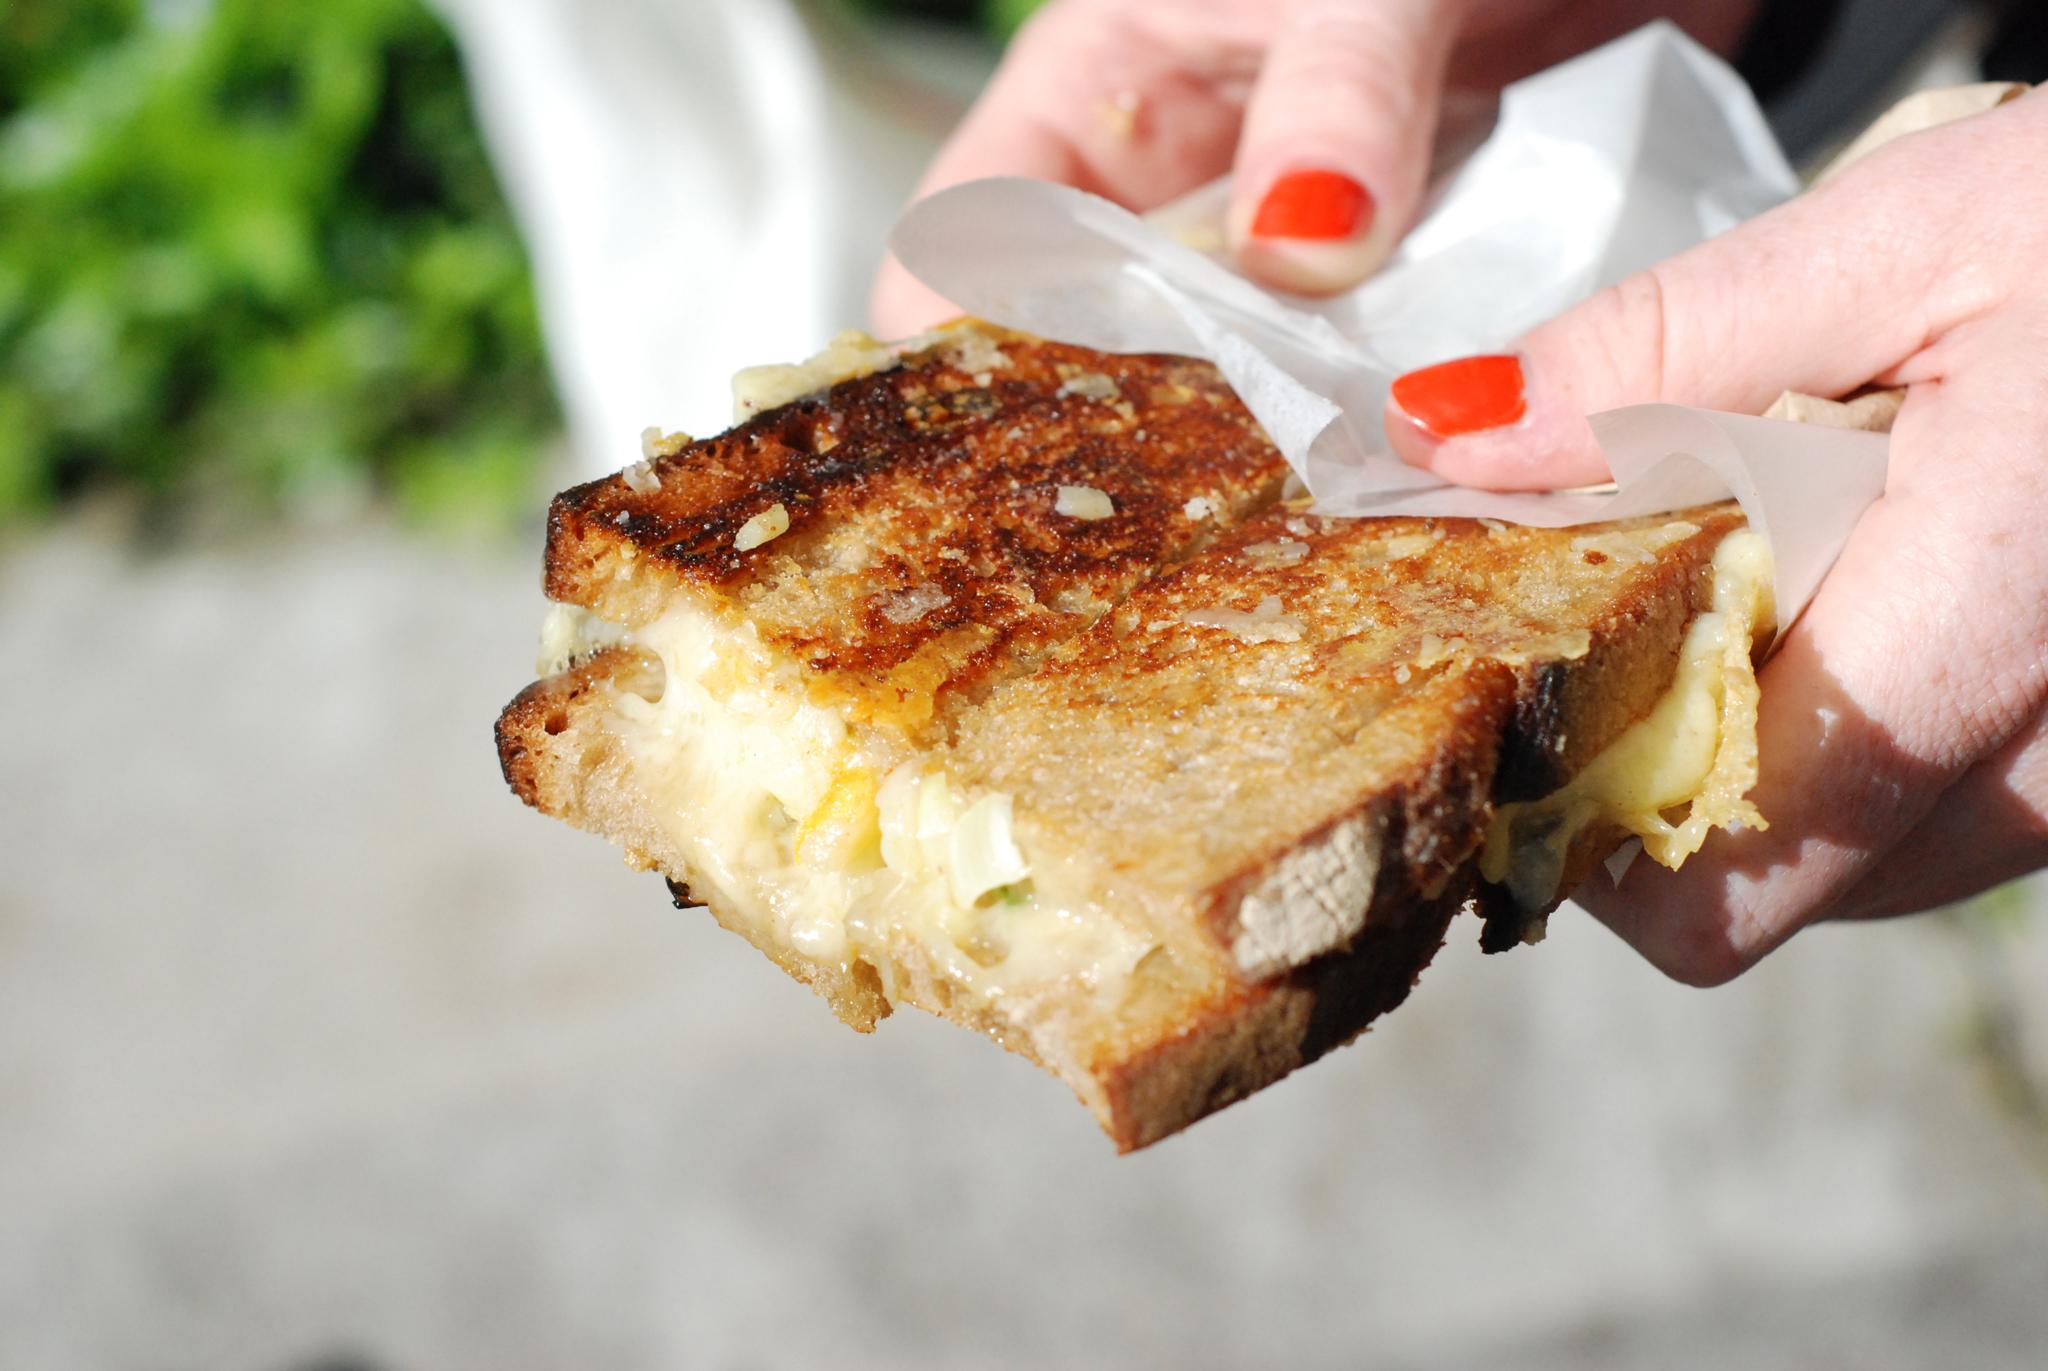 Kappacasein cheese sandwich